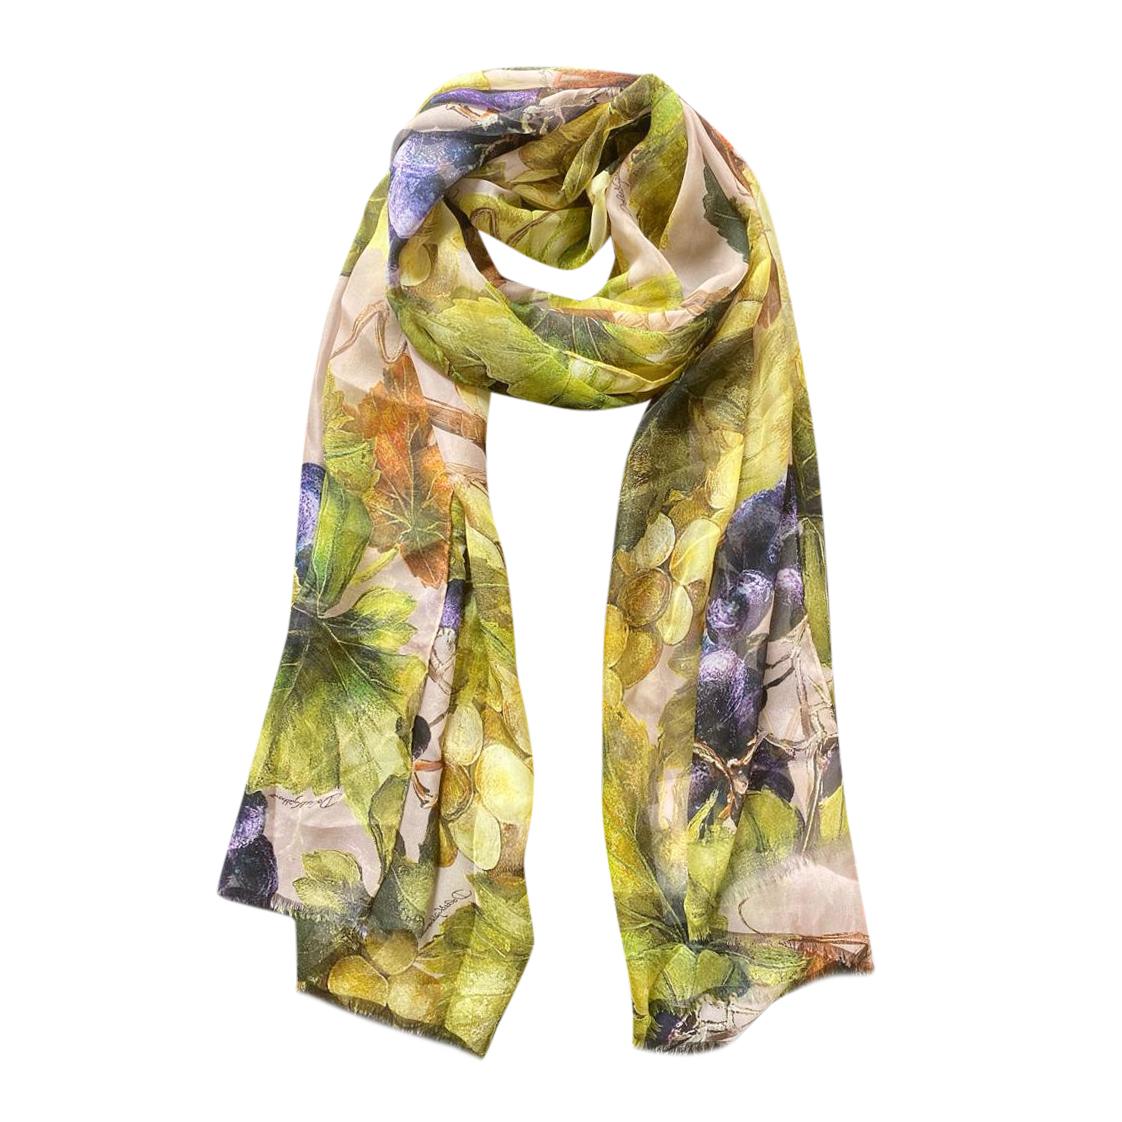 Dolce & Gabbana Floral Print Wrap Scarf